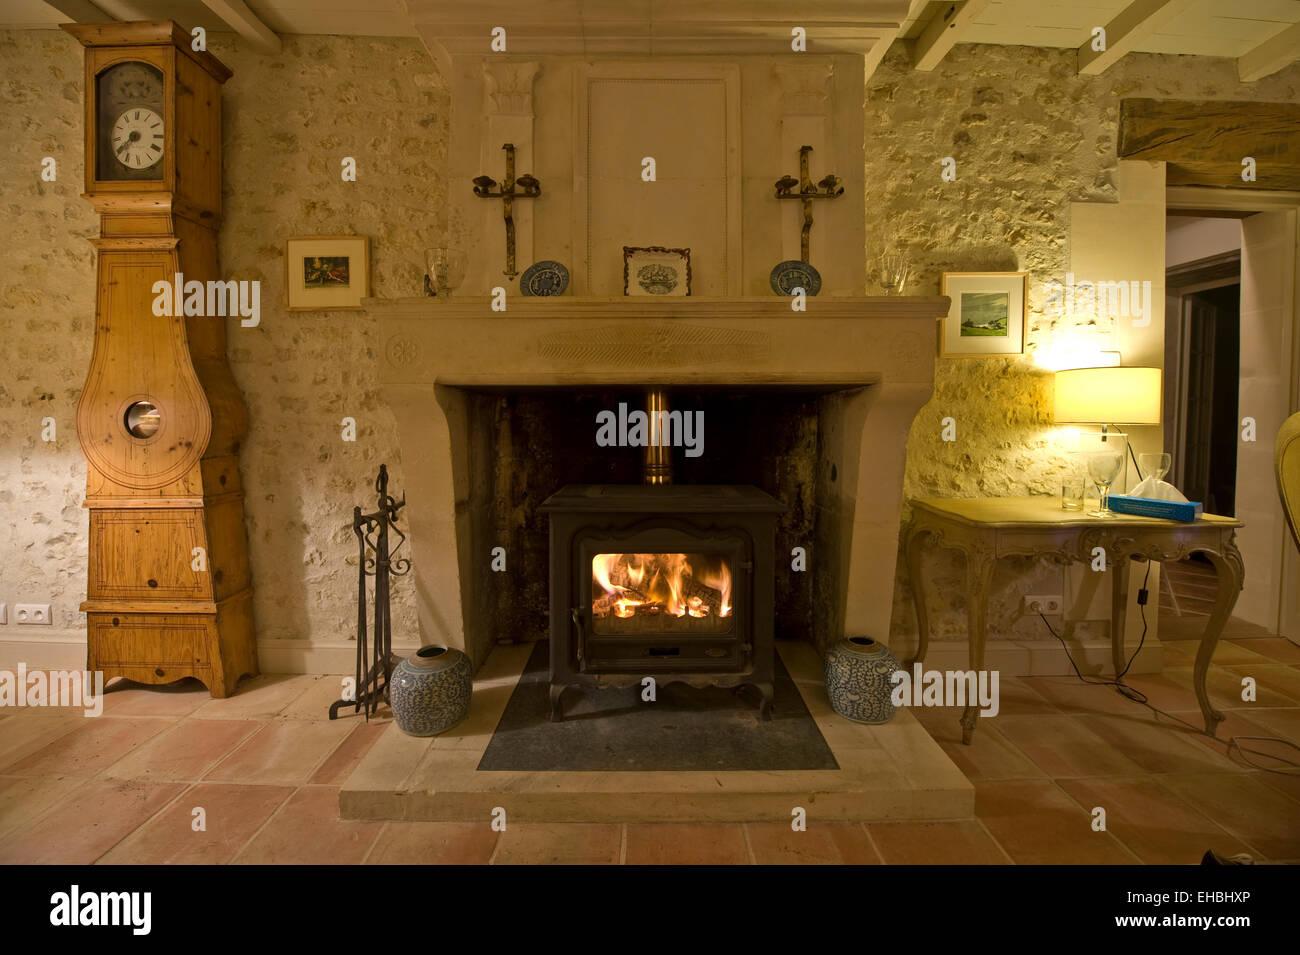 Fotografía del interior de una casa de campo con chimenea de leña ...